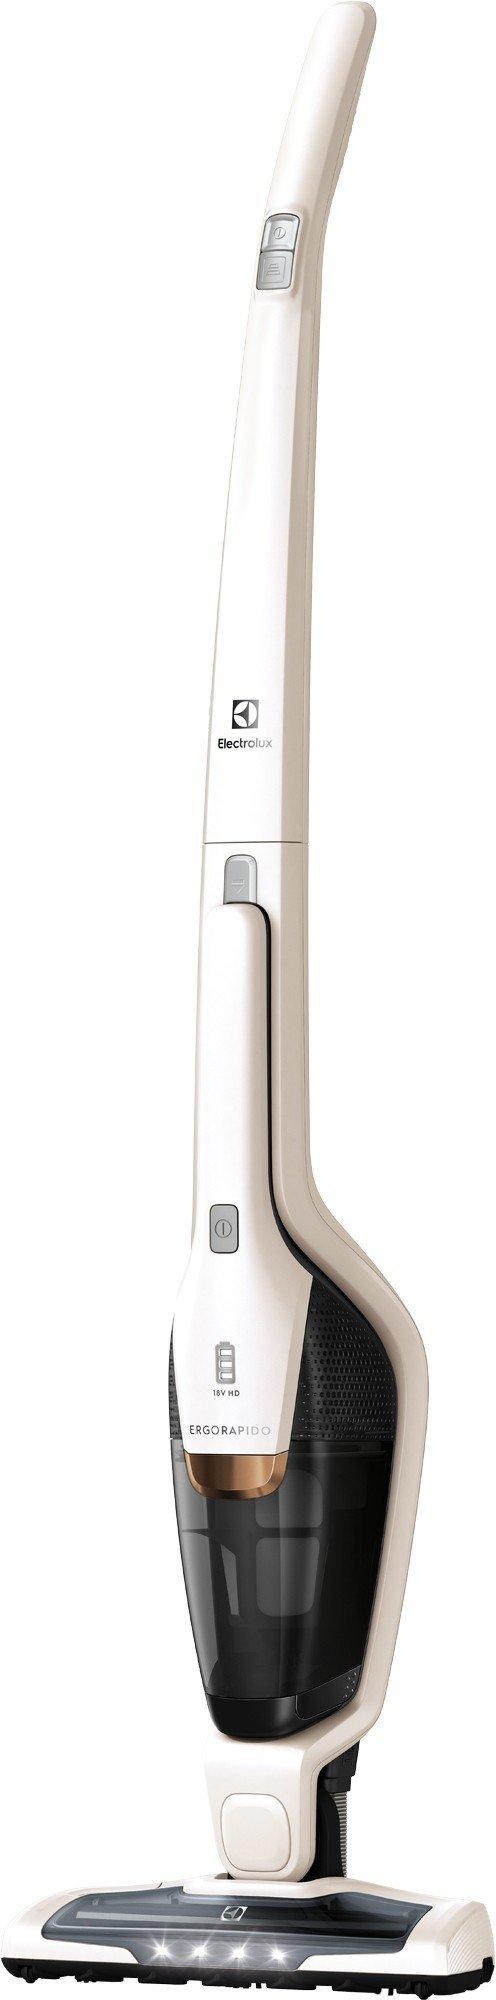 Best pris på Electrolux trådløs støvsuger Se priser før kjøp